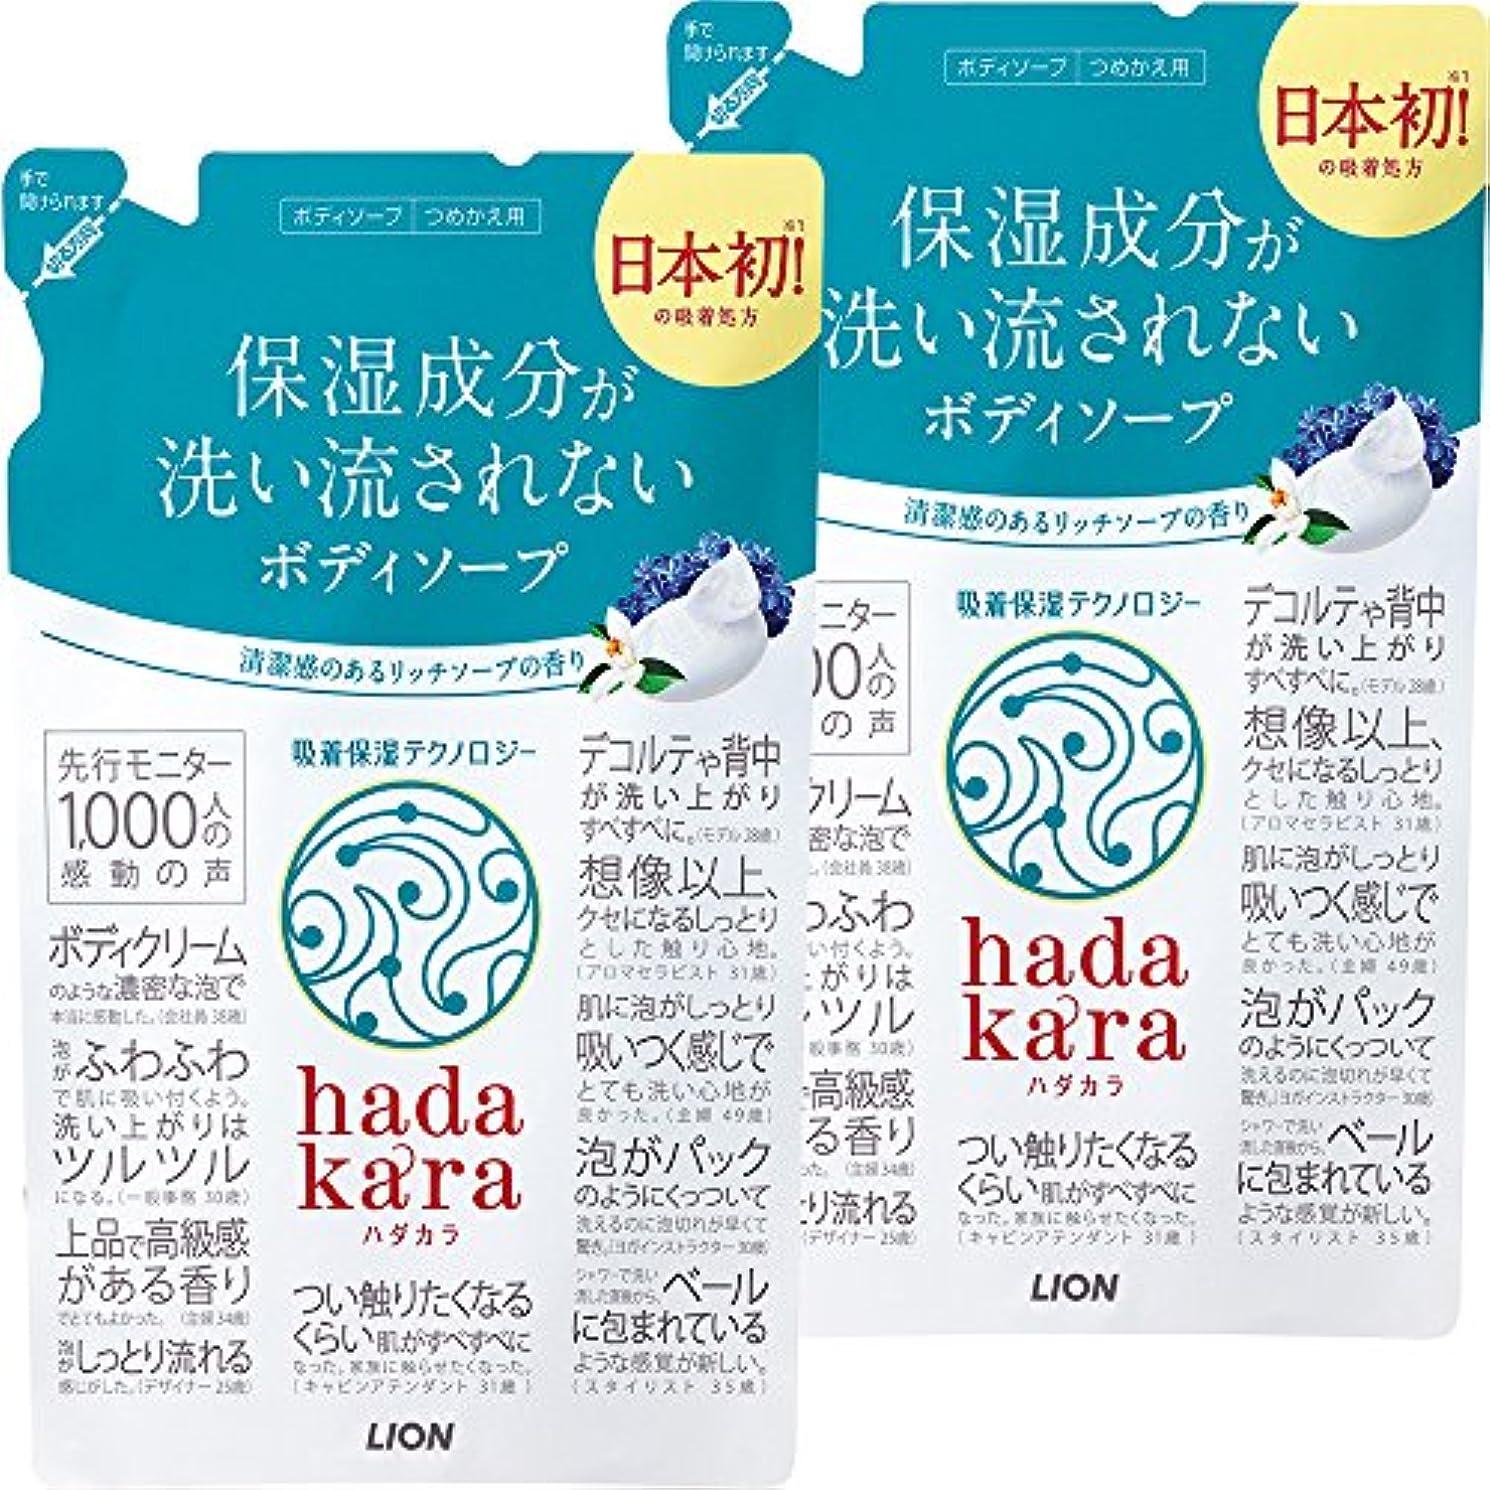 算術比類なきスプレー【まとめ買い】hadakara(ハダカラ) ボディソープ リッチソープの香り 詰め替え 360ml×2個パック